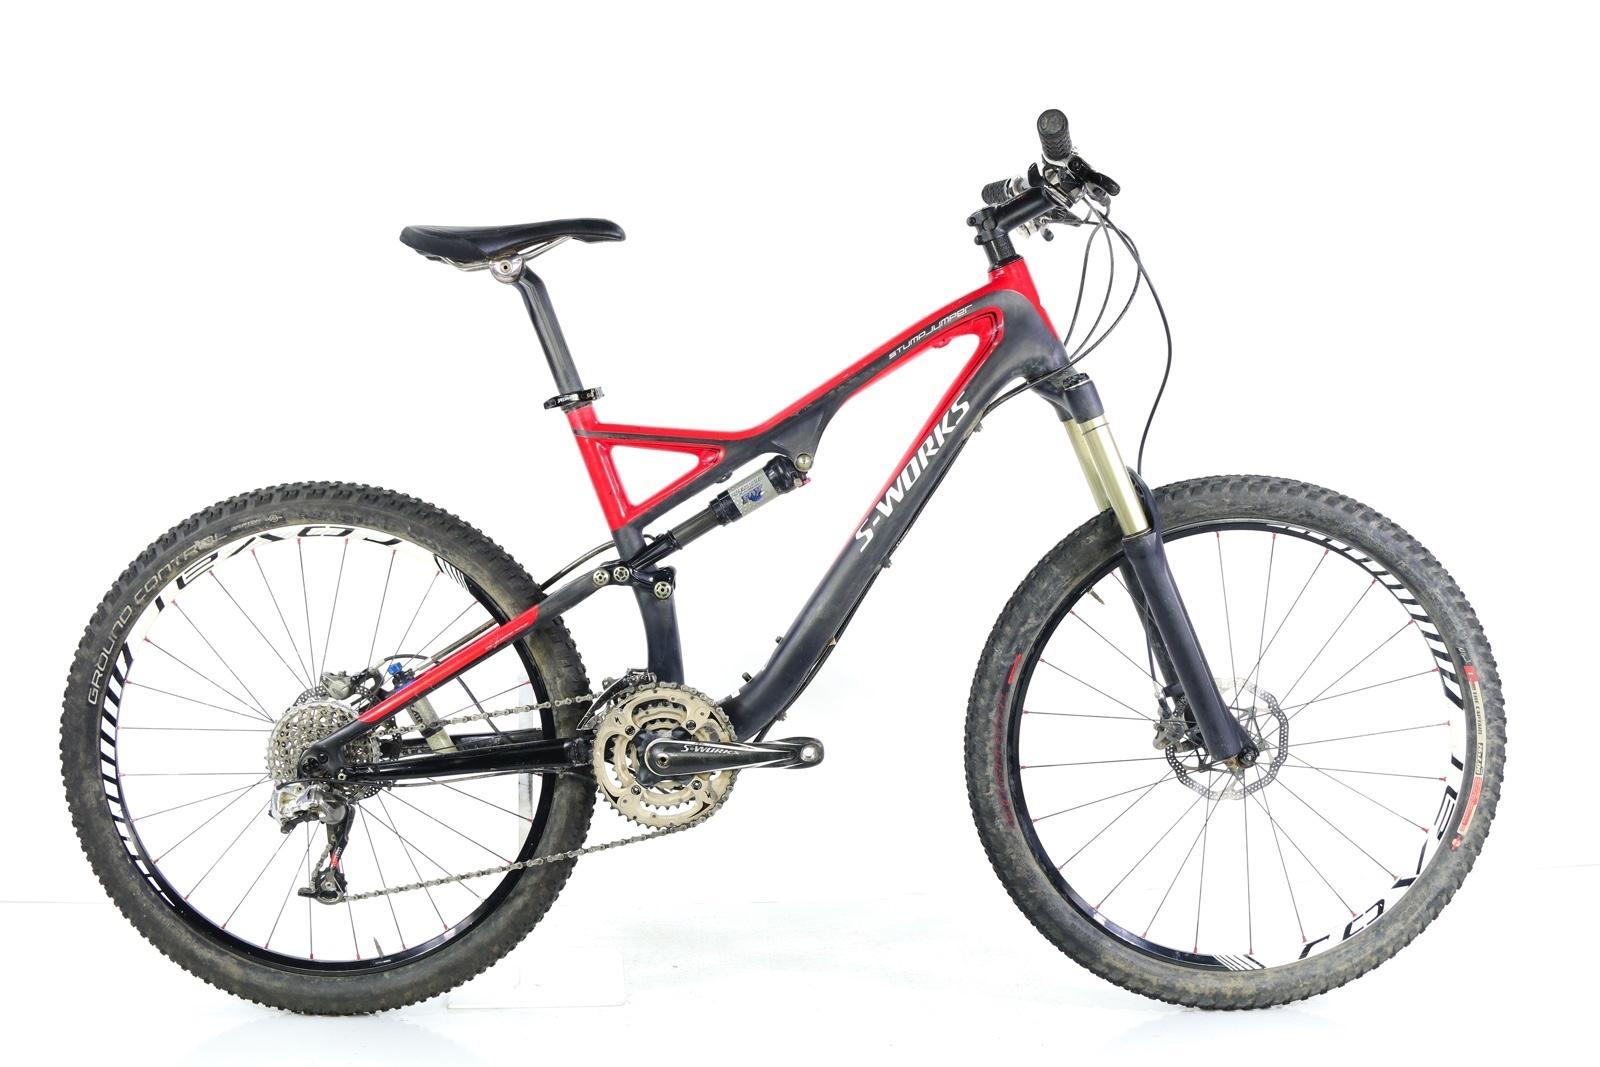 2012 Specialized S-Works Stumpjumper FSR Carbon De listed